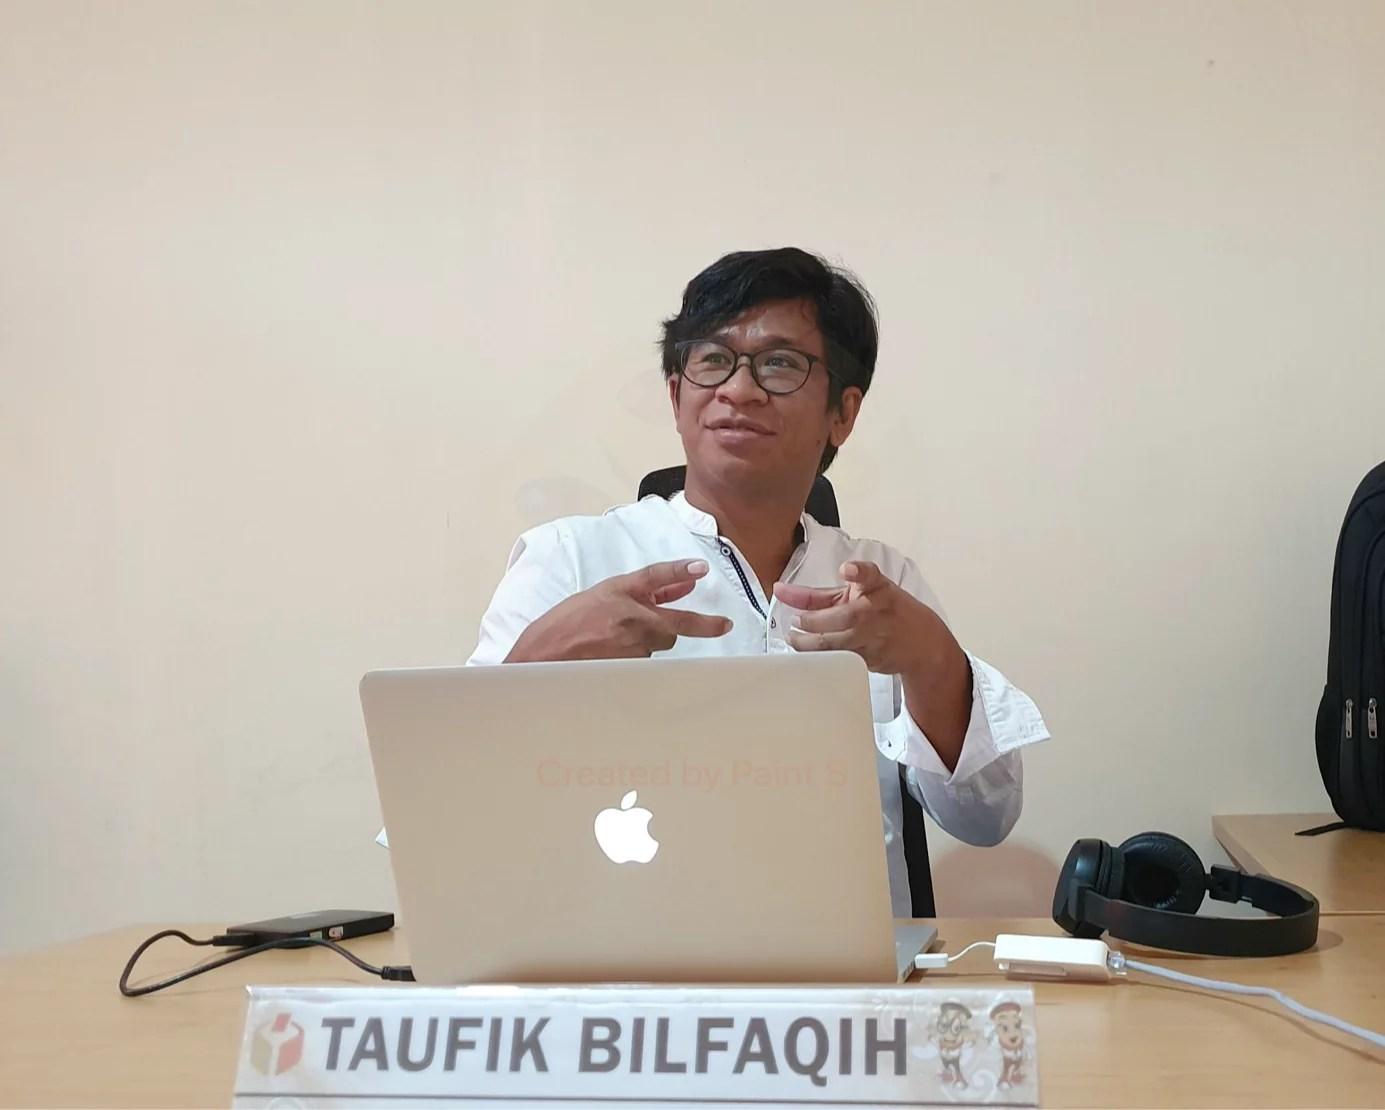 Bawaslu Manado: 1.424 Warga Manado Belum Terdaftar sebagai Pemilih Pilkada 2020